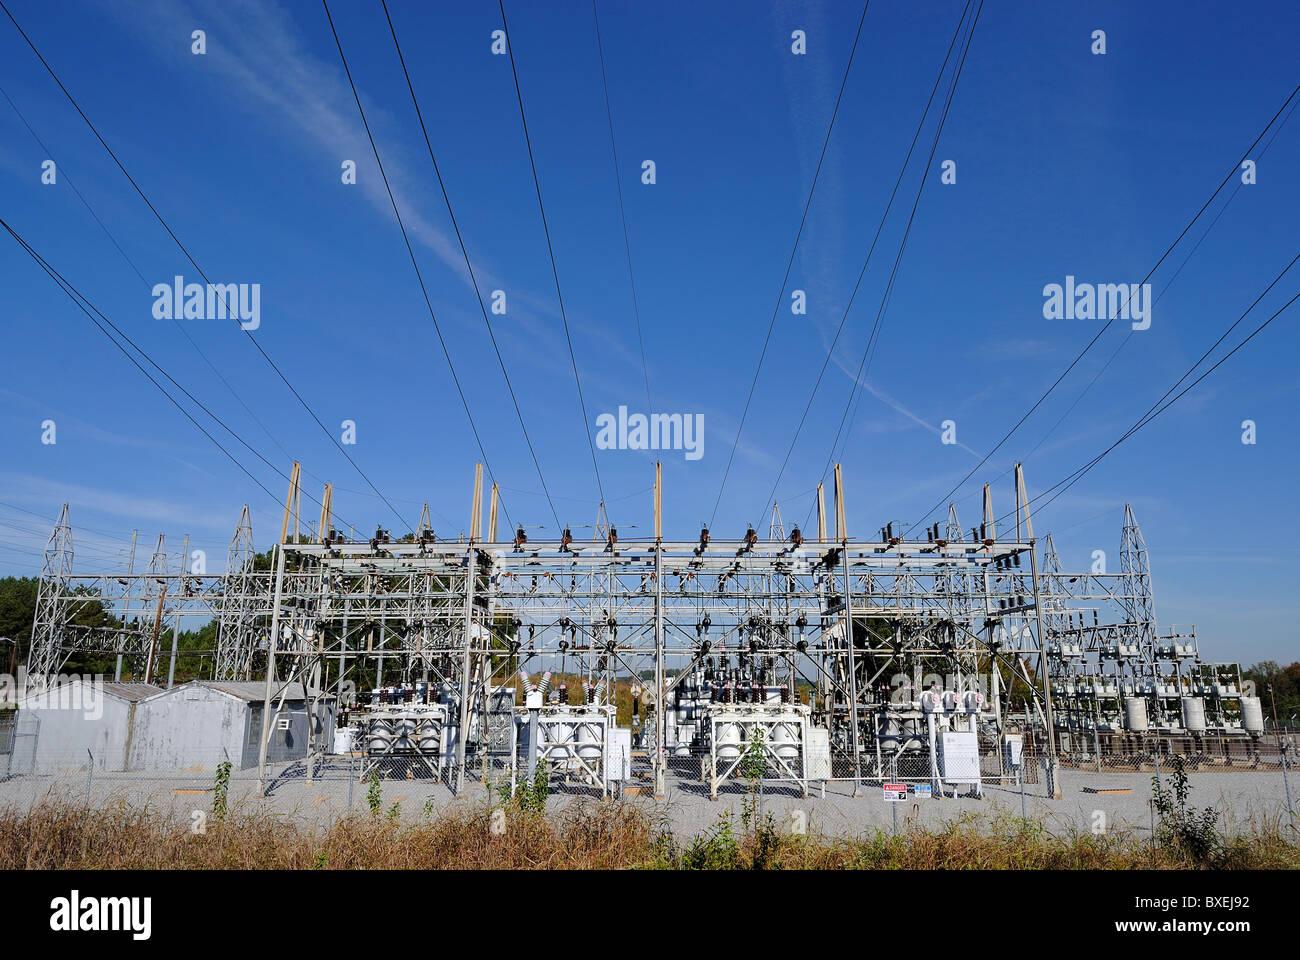 Une centrale électrique industriel Photo Stock